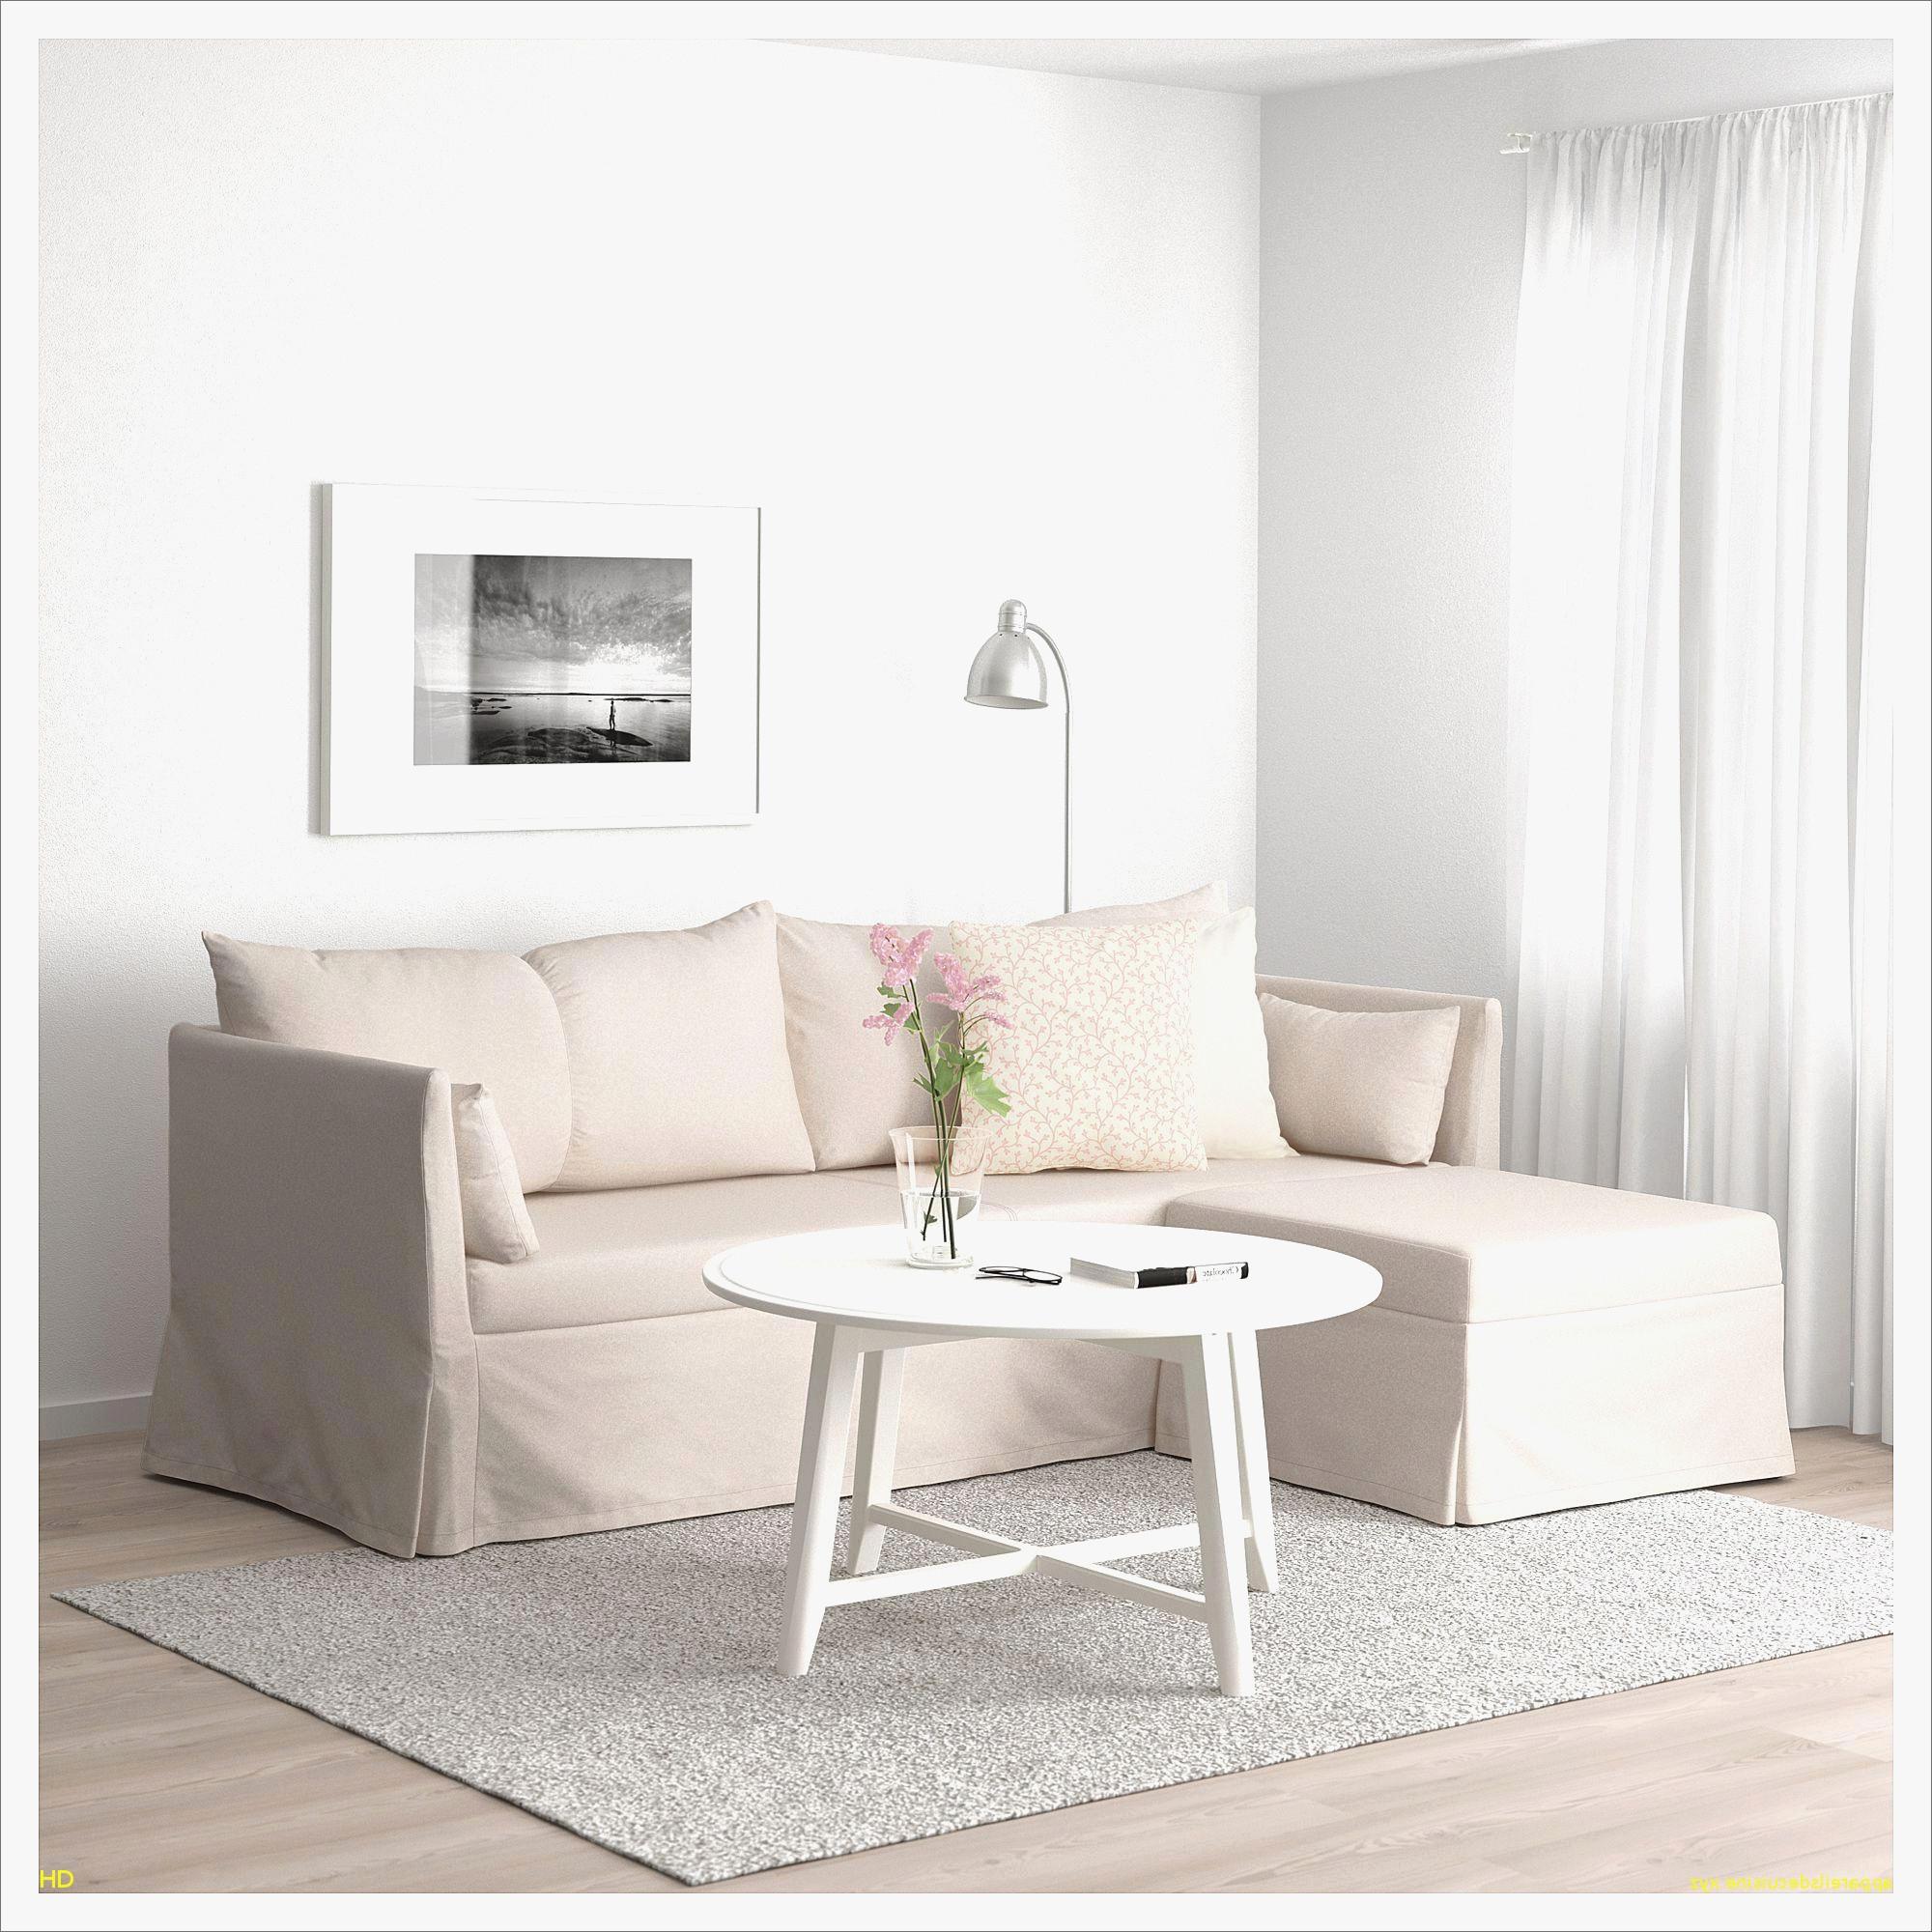 Ikea Salles De Bains Inspirant Photographie Salle De Bain Italienne Ikea Inspirant Siege De Douche